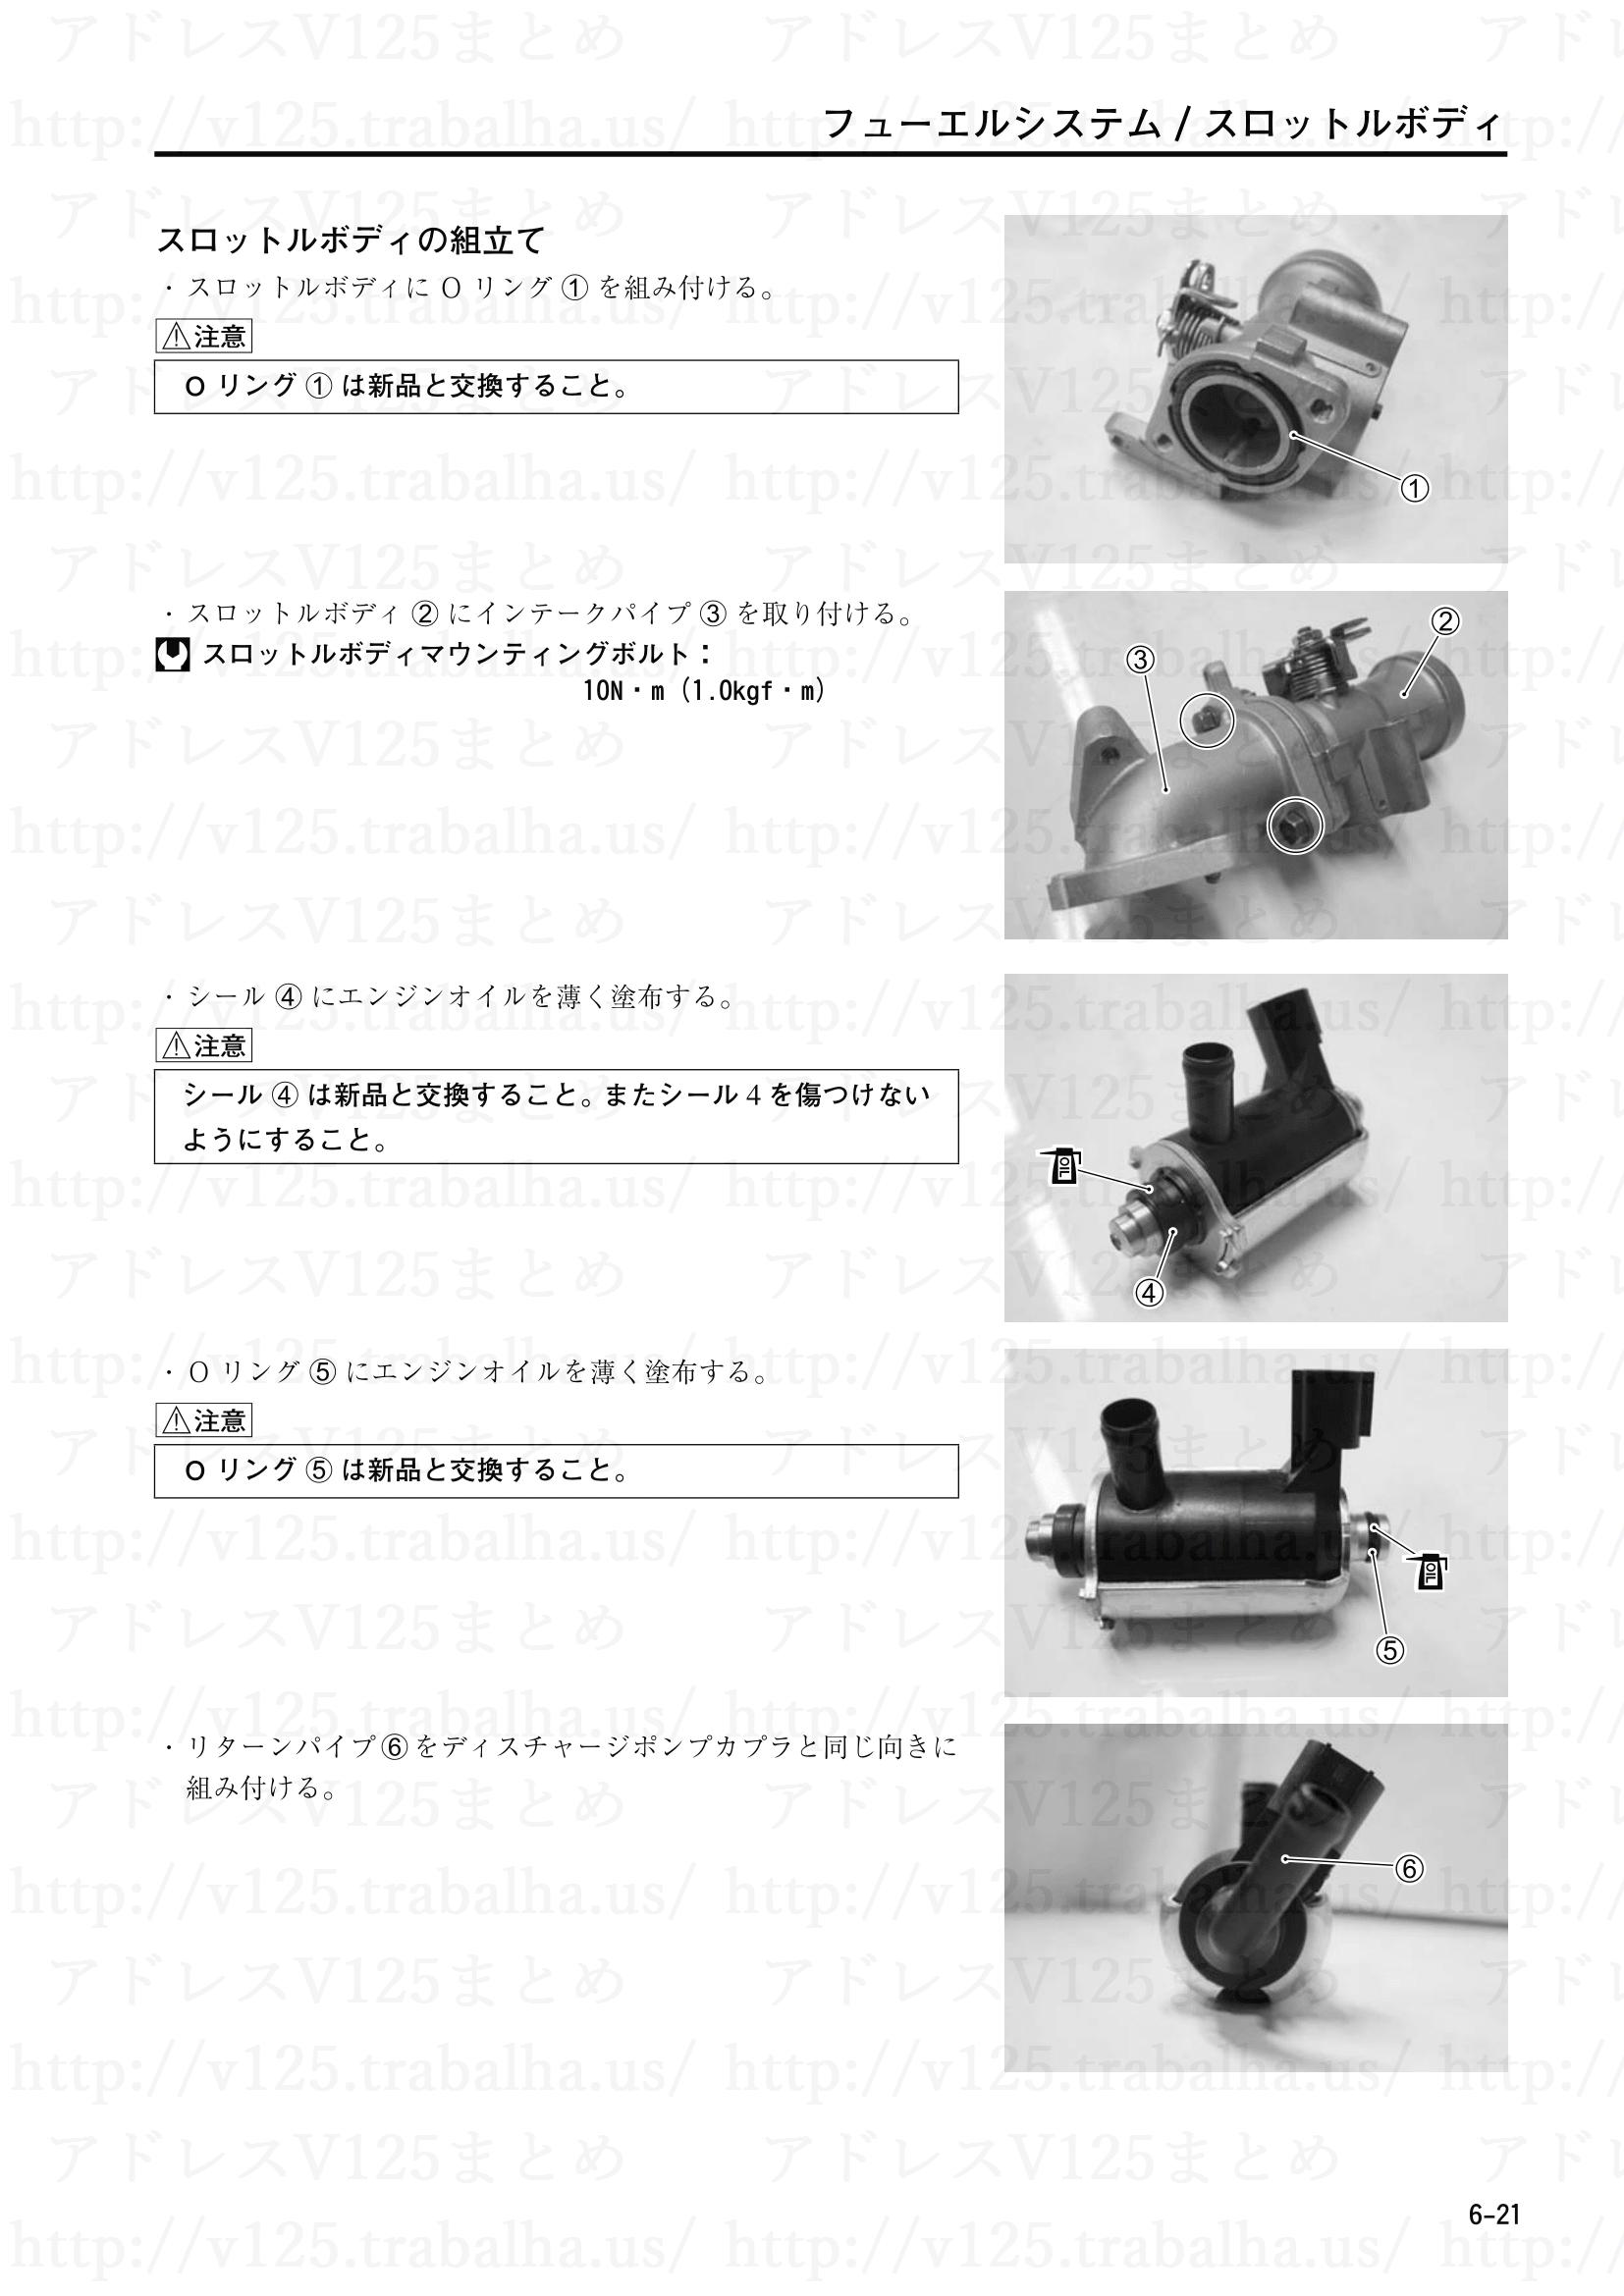 6-21【フューエルシステム/スロットルボディ】スロットルボディの組立て1